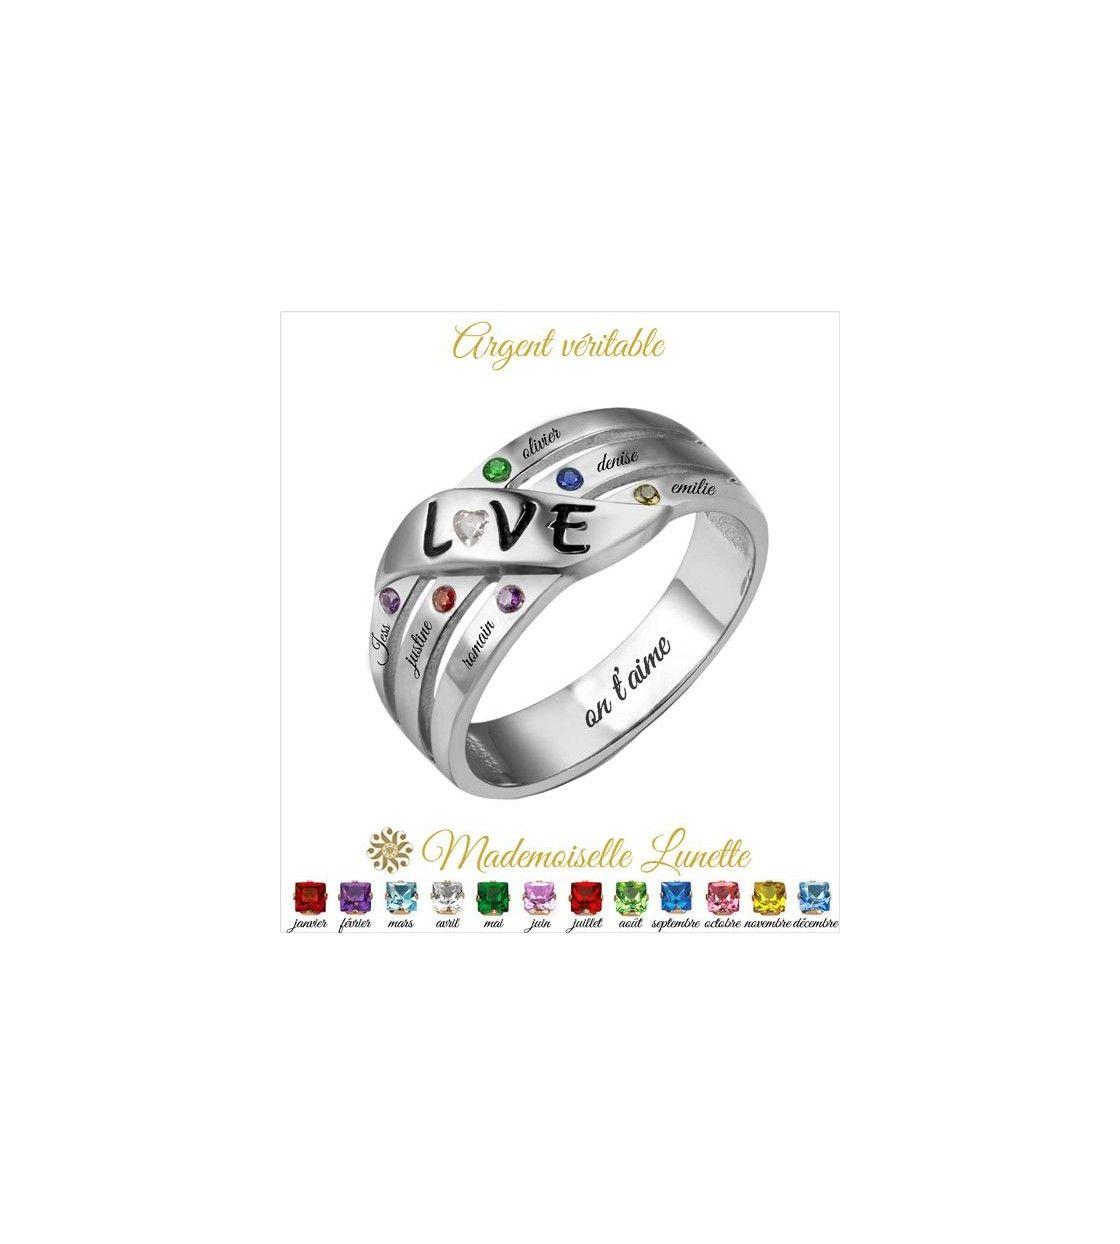 bague-love-en-argent-pour-maman-et-6-pierres-de-naissance-6-gravure-prenoms